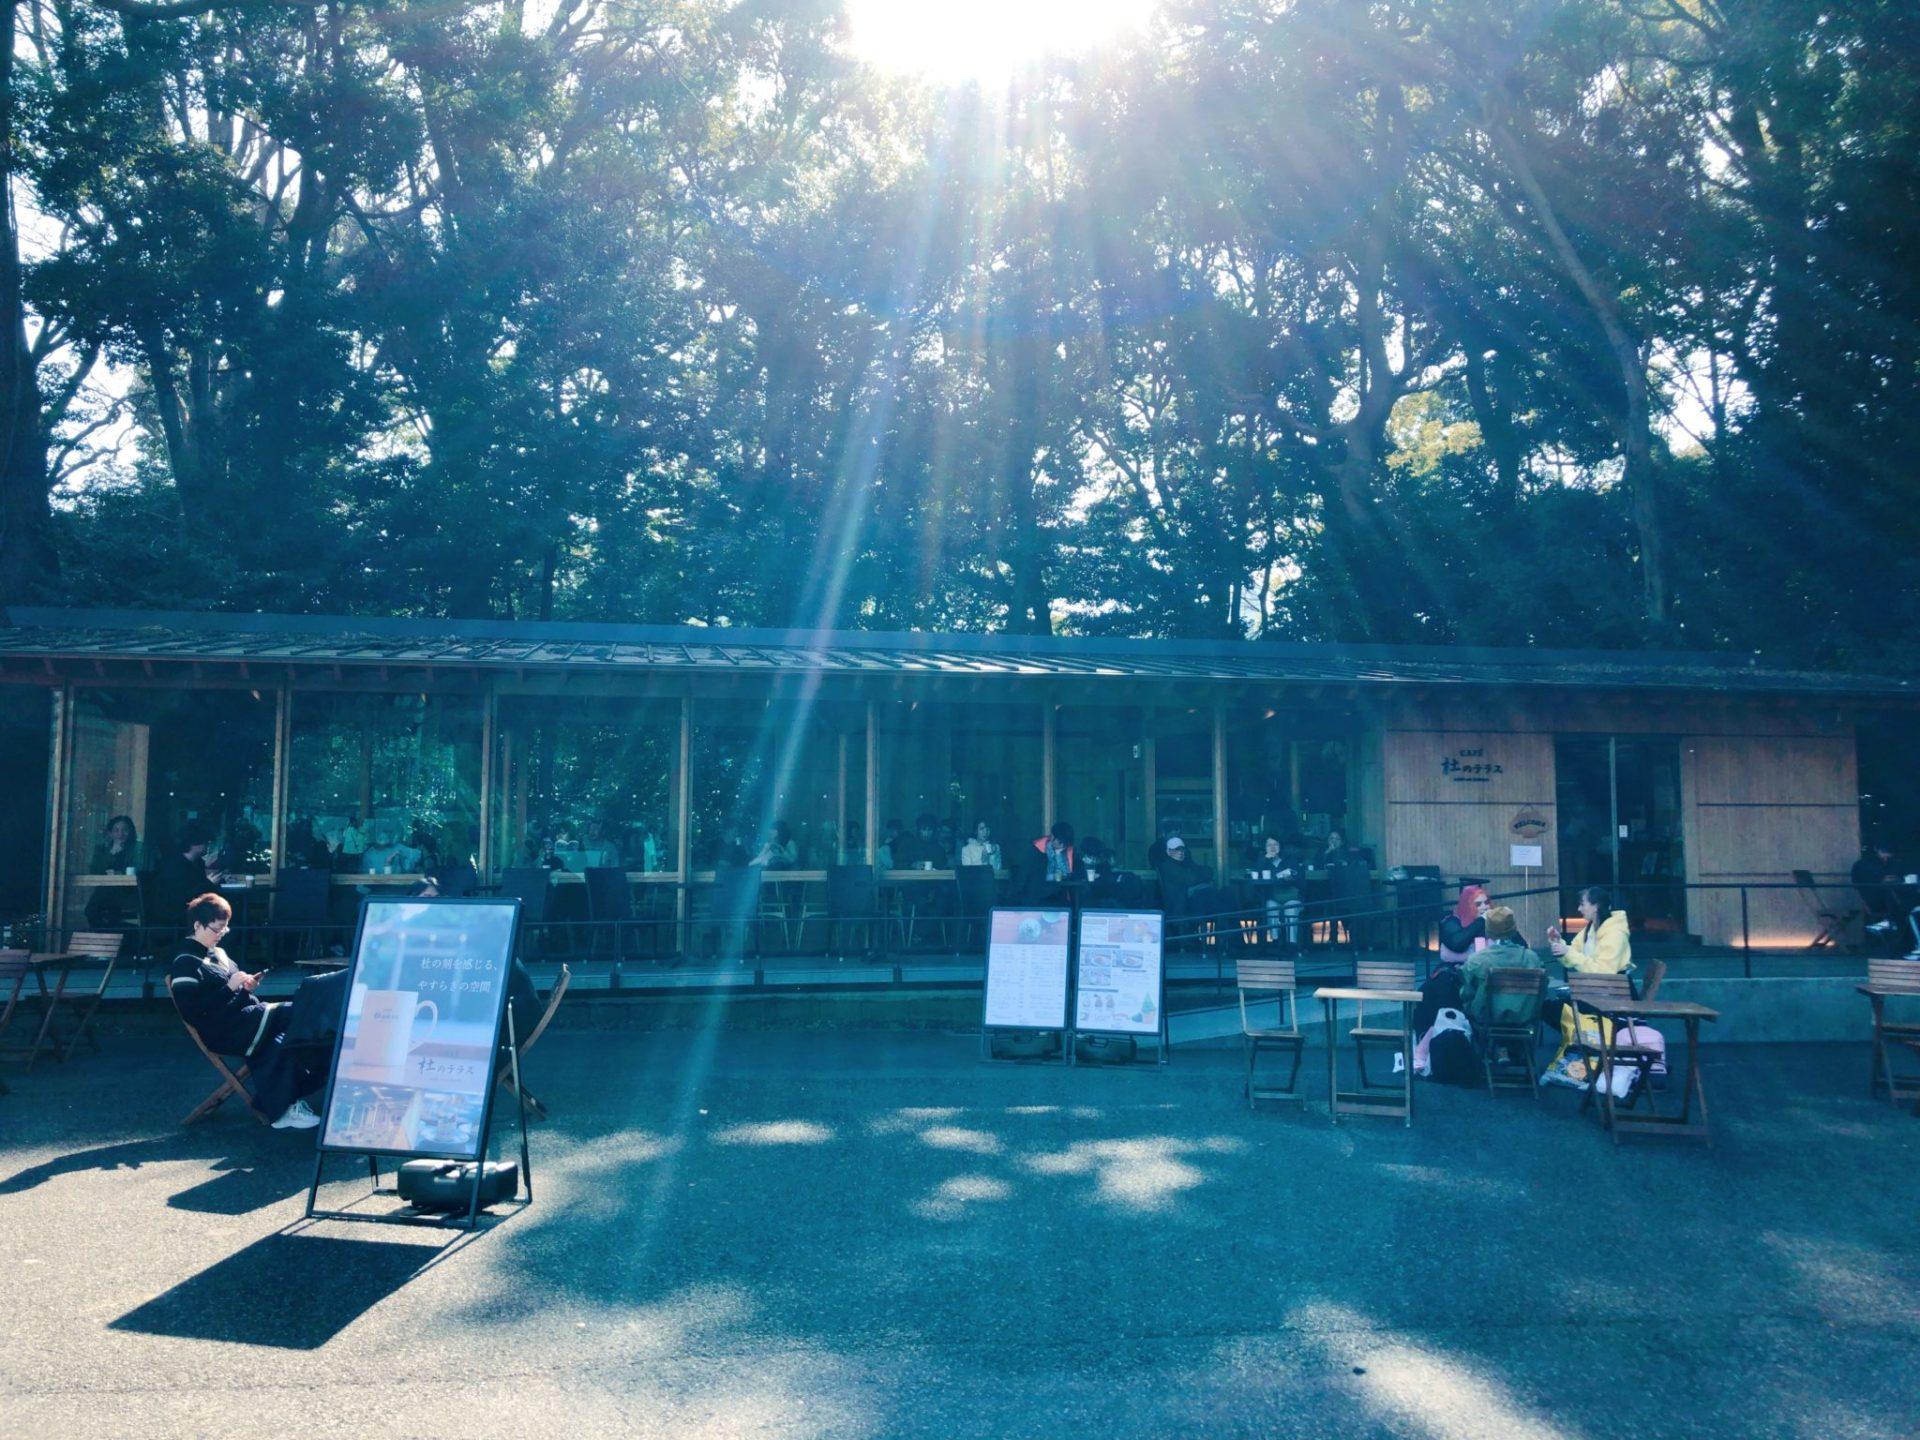 明治神宮の杜のカフェ